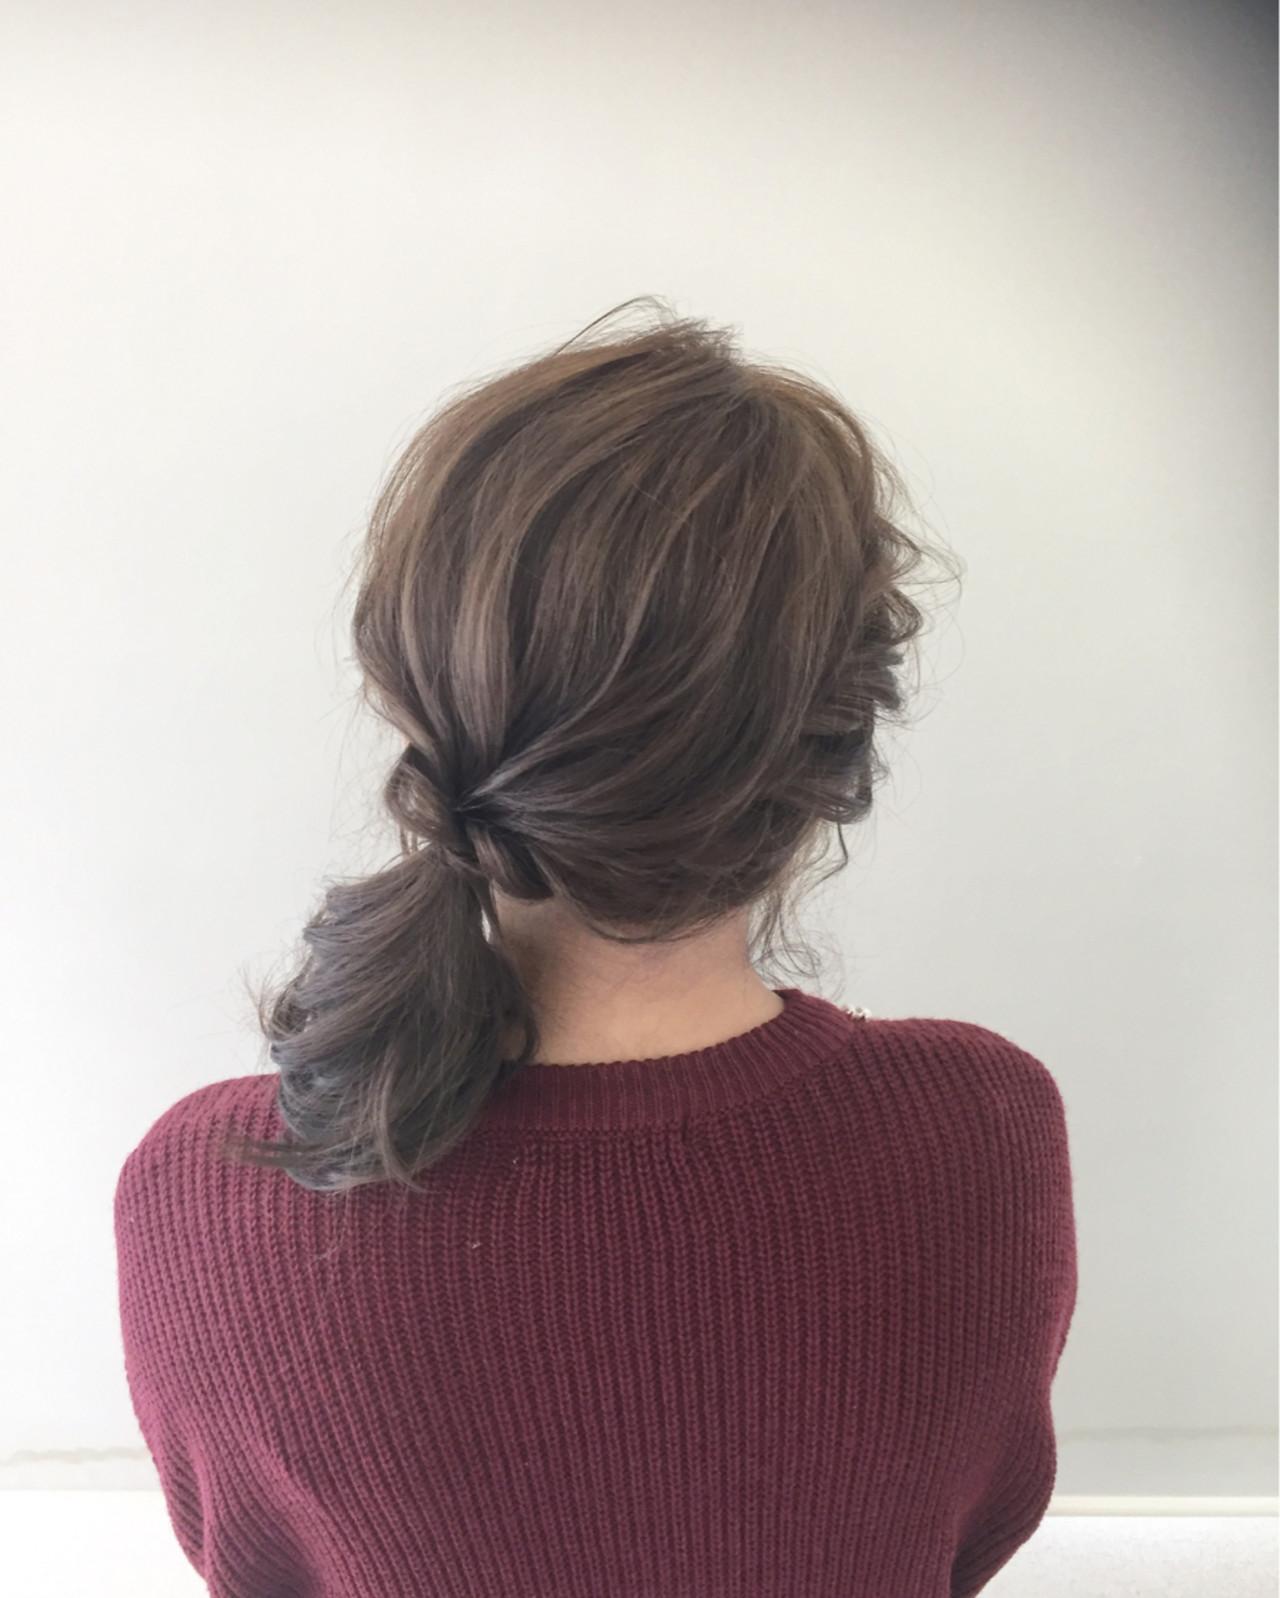 ローポニーテール ヘアアレンジ 簡単ヘアアレンジ 大人女子 ヘアスタイルや髪型の写真・画像 | 新谷 朋宏 / Free hairstylist shinya